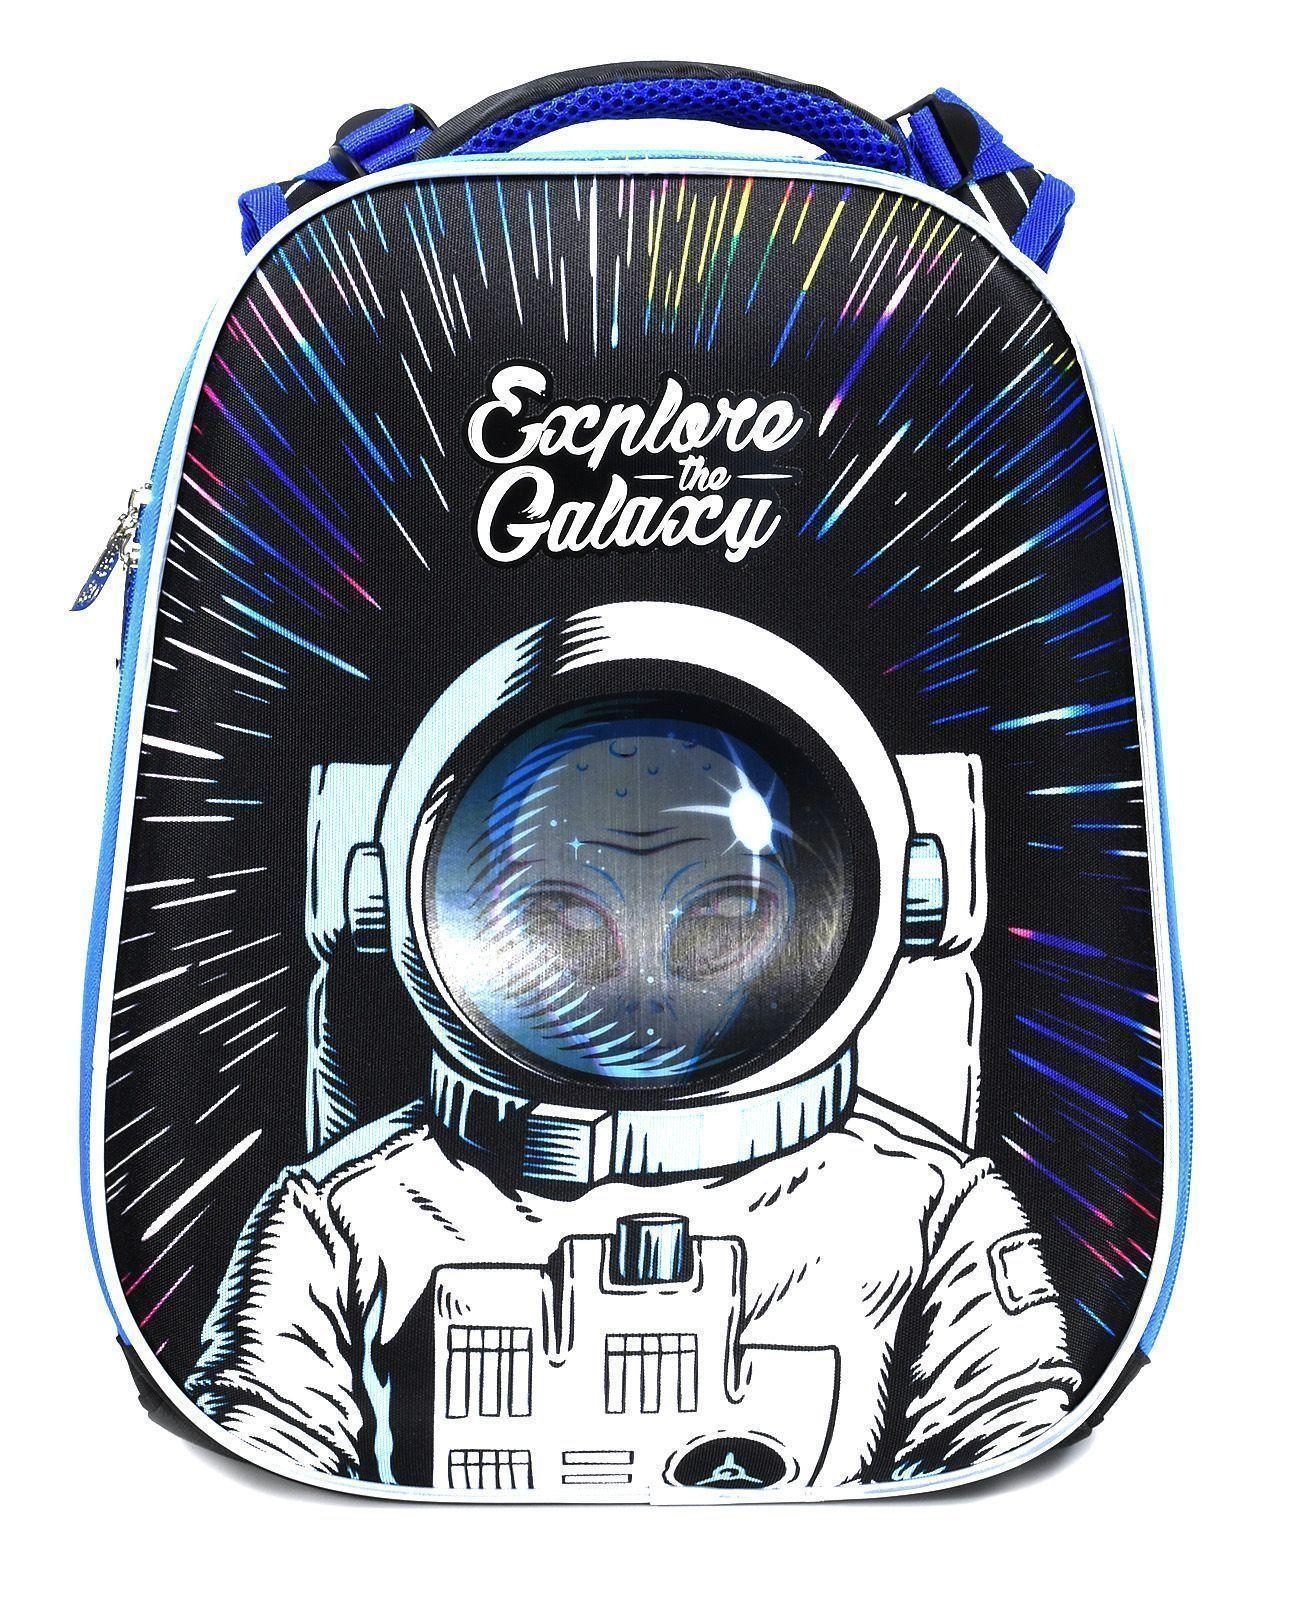 Рюкзак Schoolformat Ufo-astronaut, модель ERGONOMIC 2, жесткий каркас, двухсекционный, 38х29х18 см, 17 л, для мальчиков